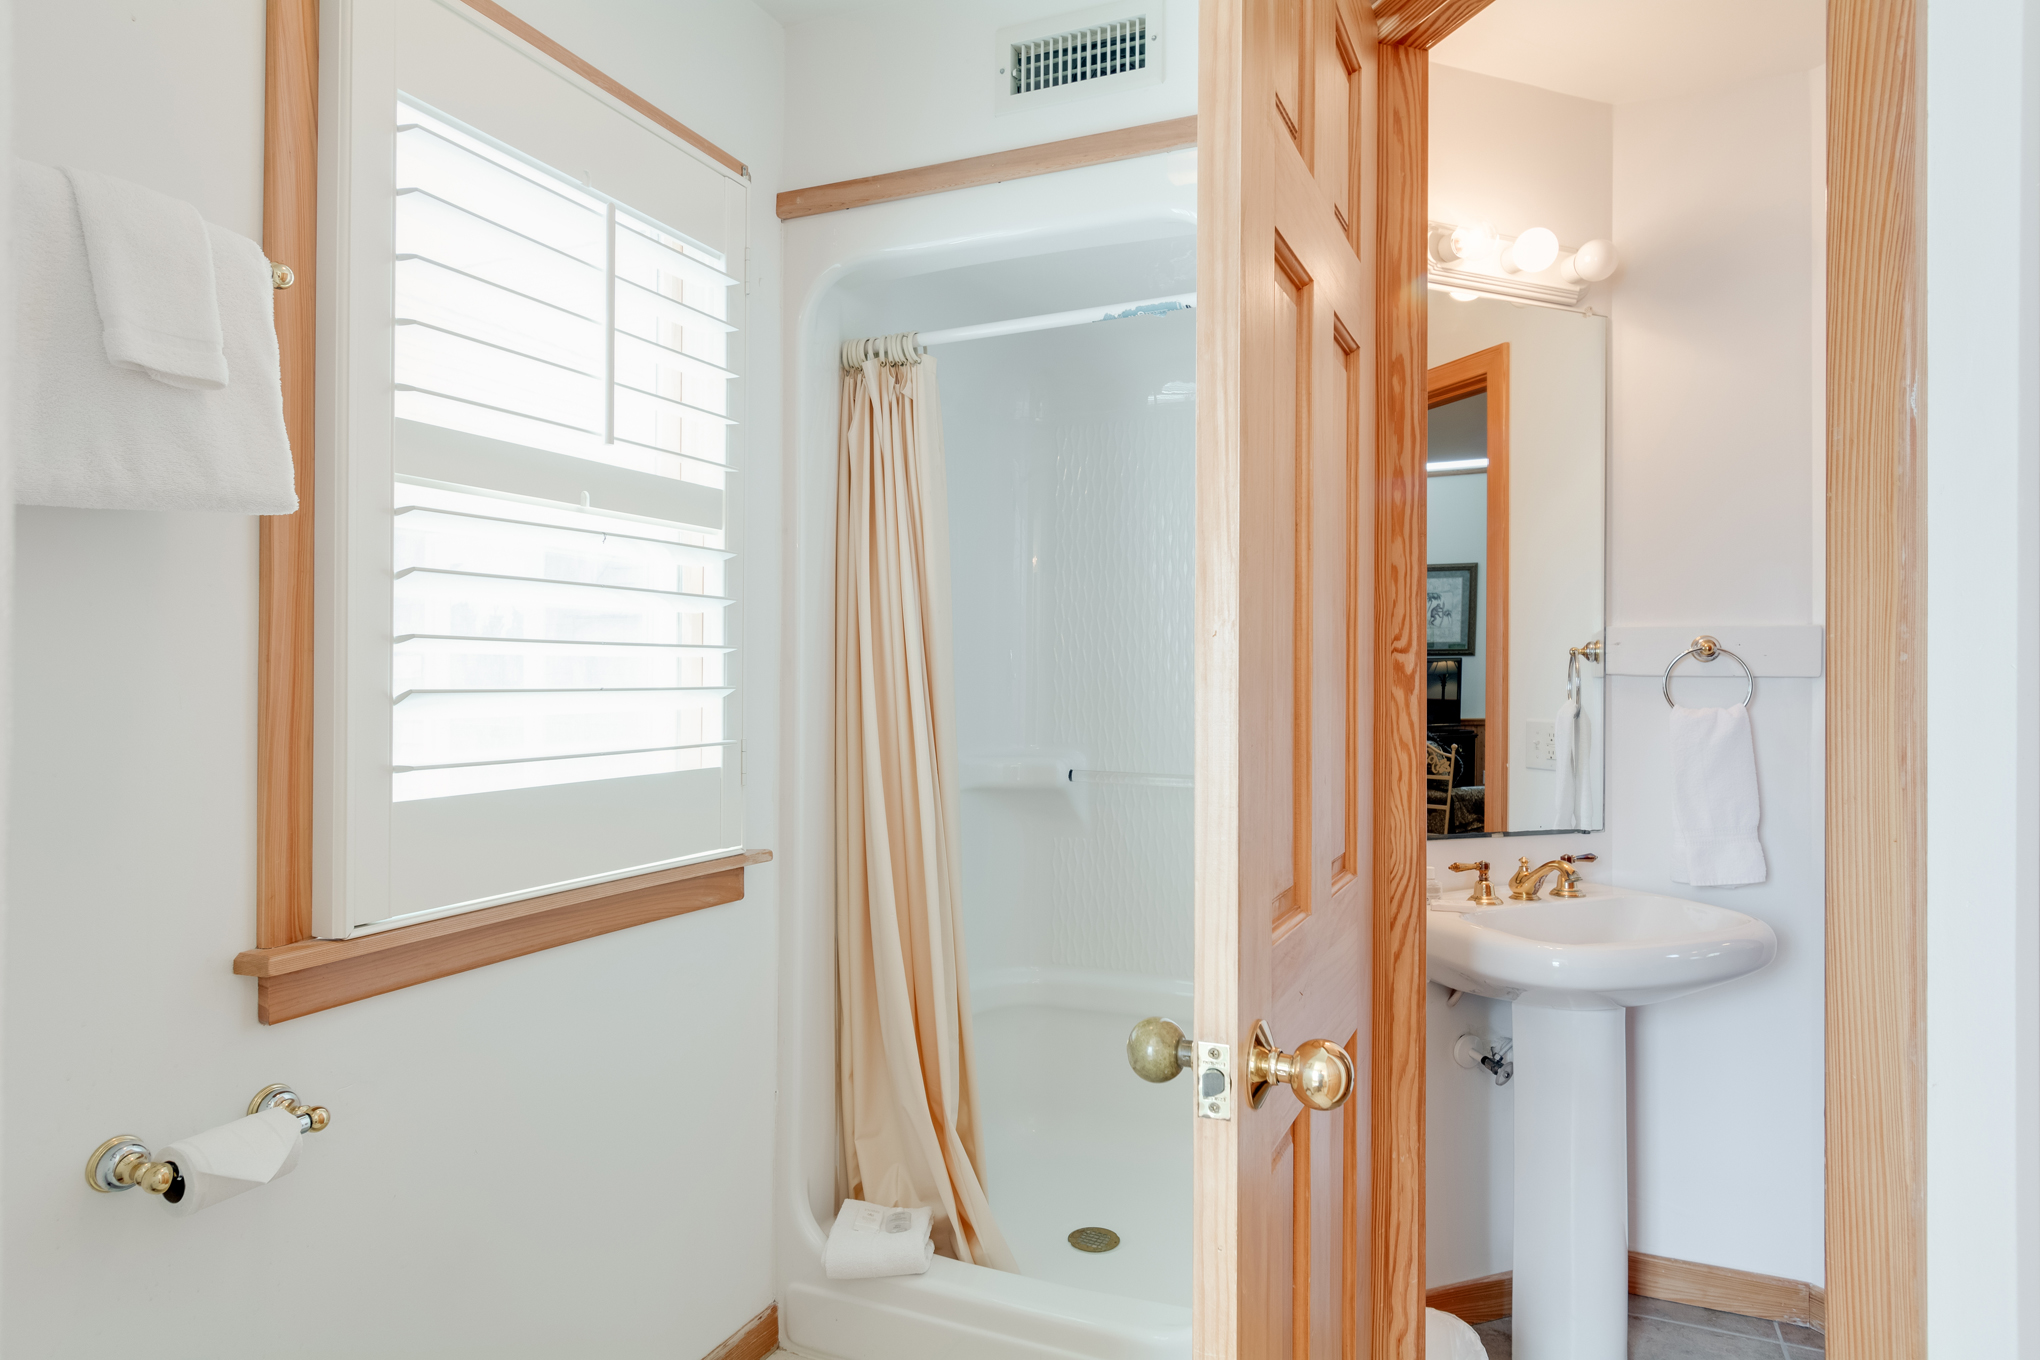 CV7A: North Point A l Bedroom A - Bath